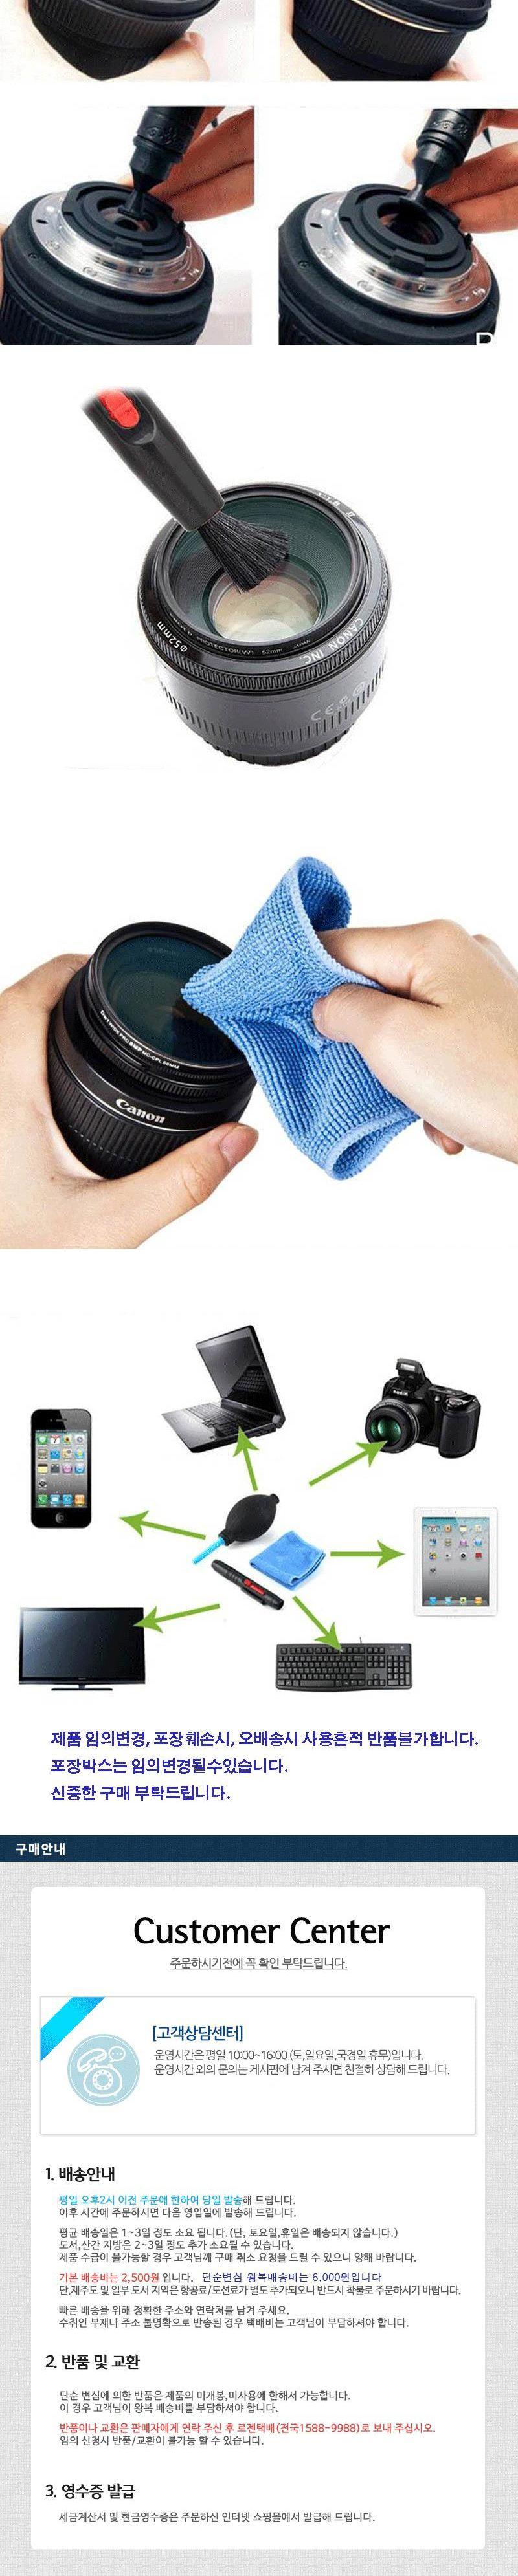 카메라 청소도구 카메라청소브러쉬 카메라청소용품 카 카메라청소브러쉬 카메라청소용품 카메라청소솔 미니청소솔 청소브러쉬